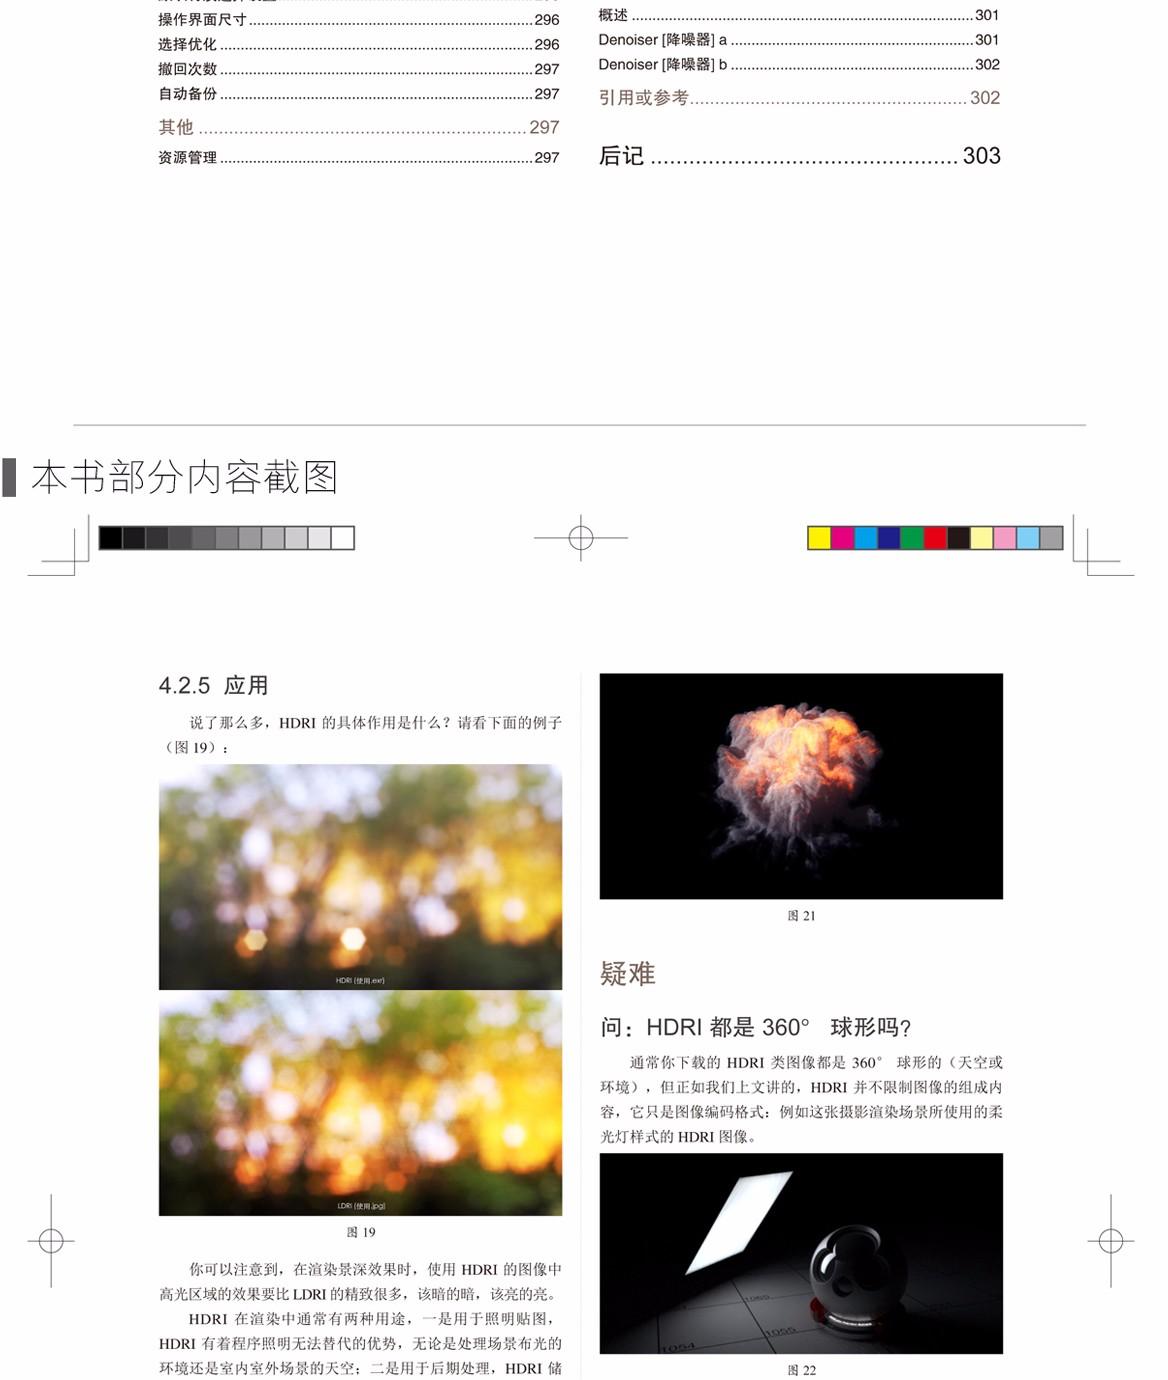 预售页面修改2017-11-3xin_05.jpg